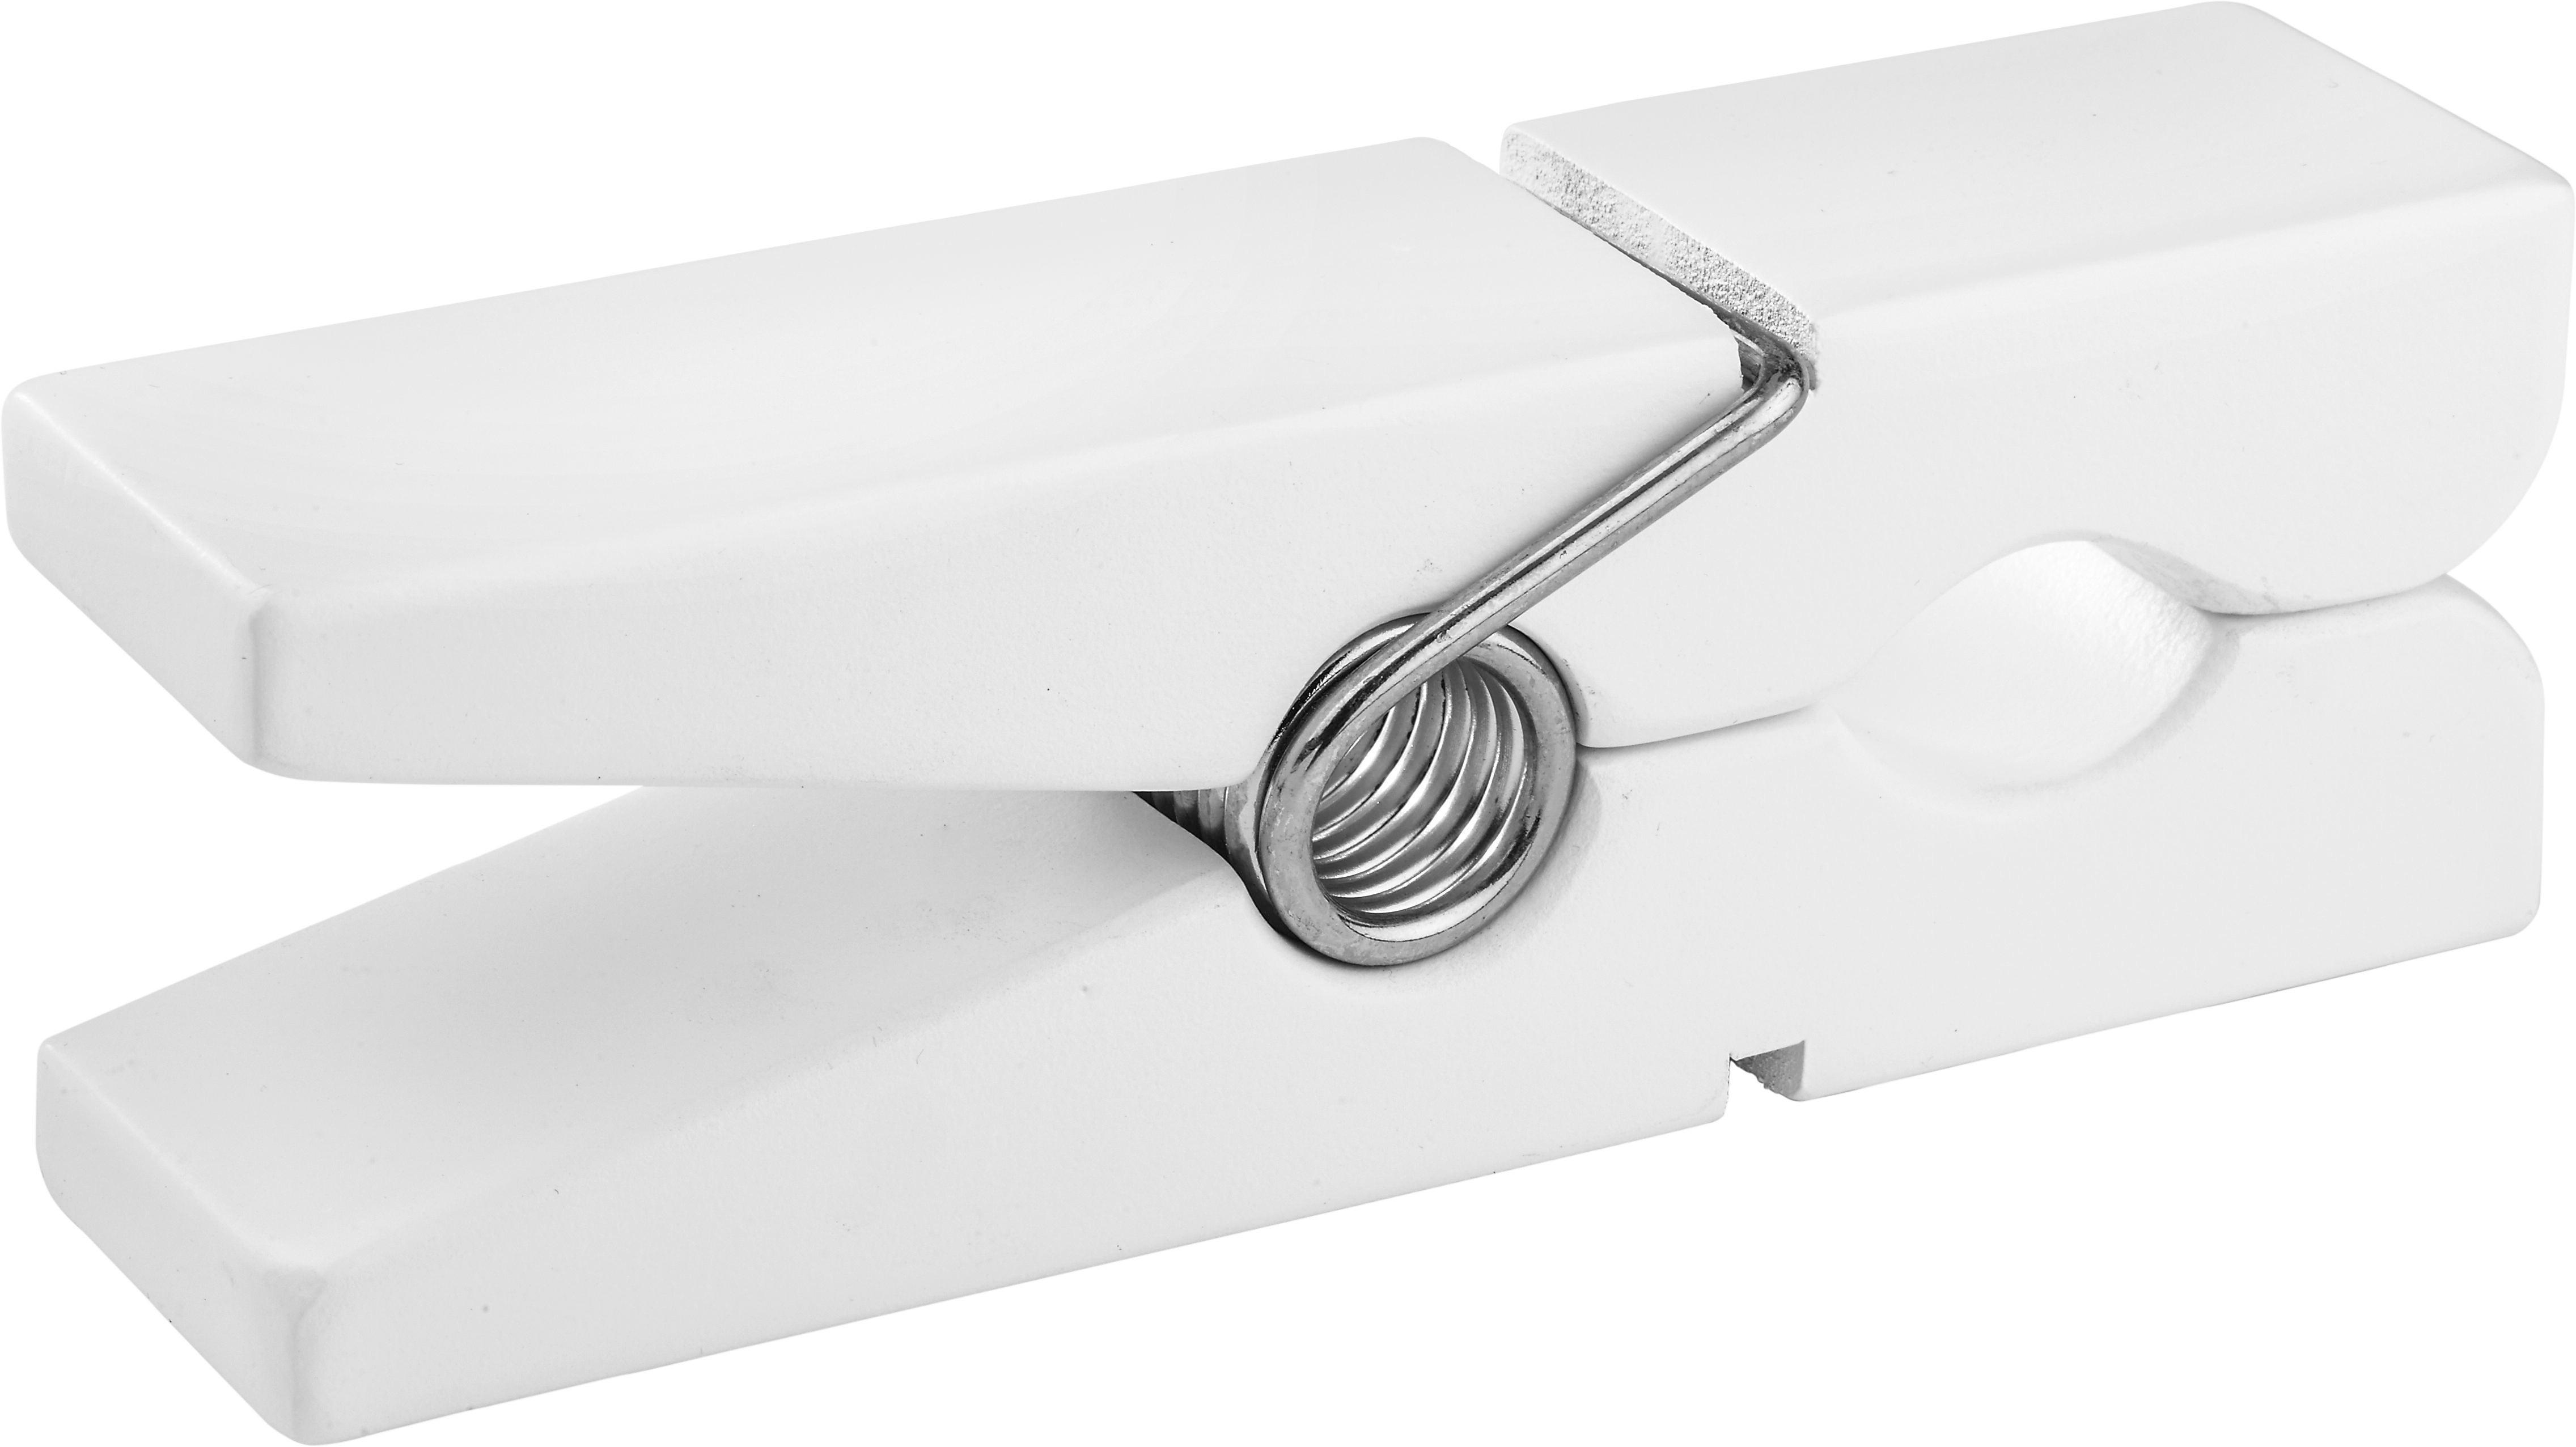 Wandhalter Gams in Weiß aus Holz - Weiß, Holz (20/5/7,5cm) - MÖMAX modern living